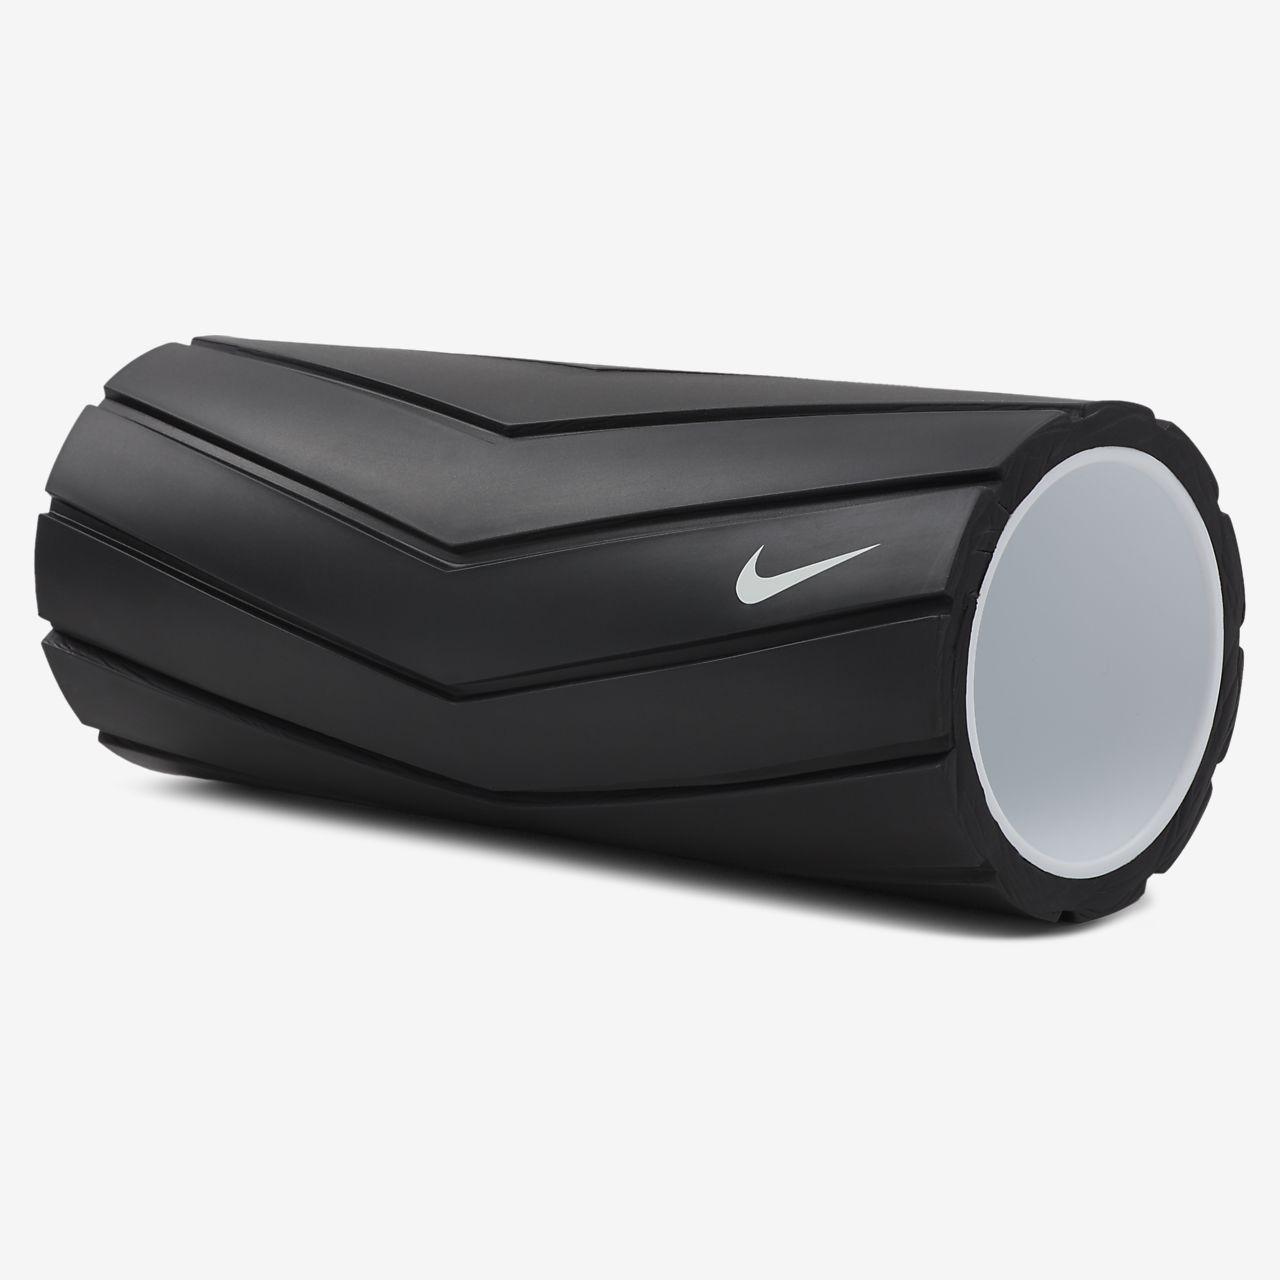 Contratado Patentar autopista  Nike Recovery Foam Roller. Nike.com